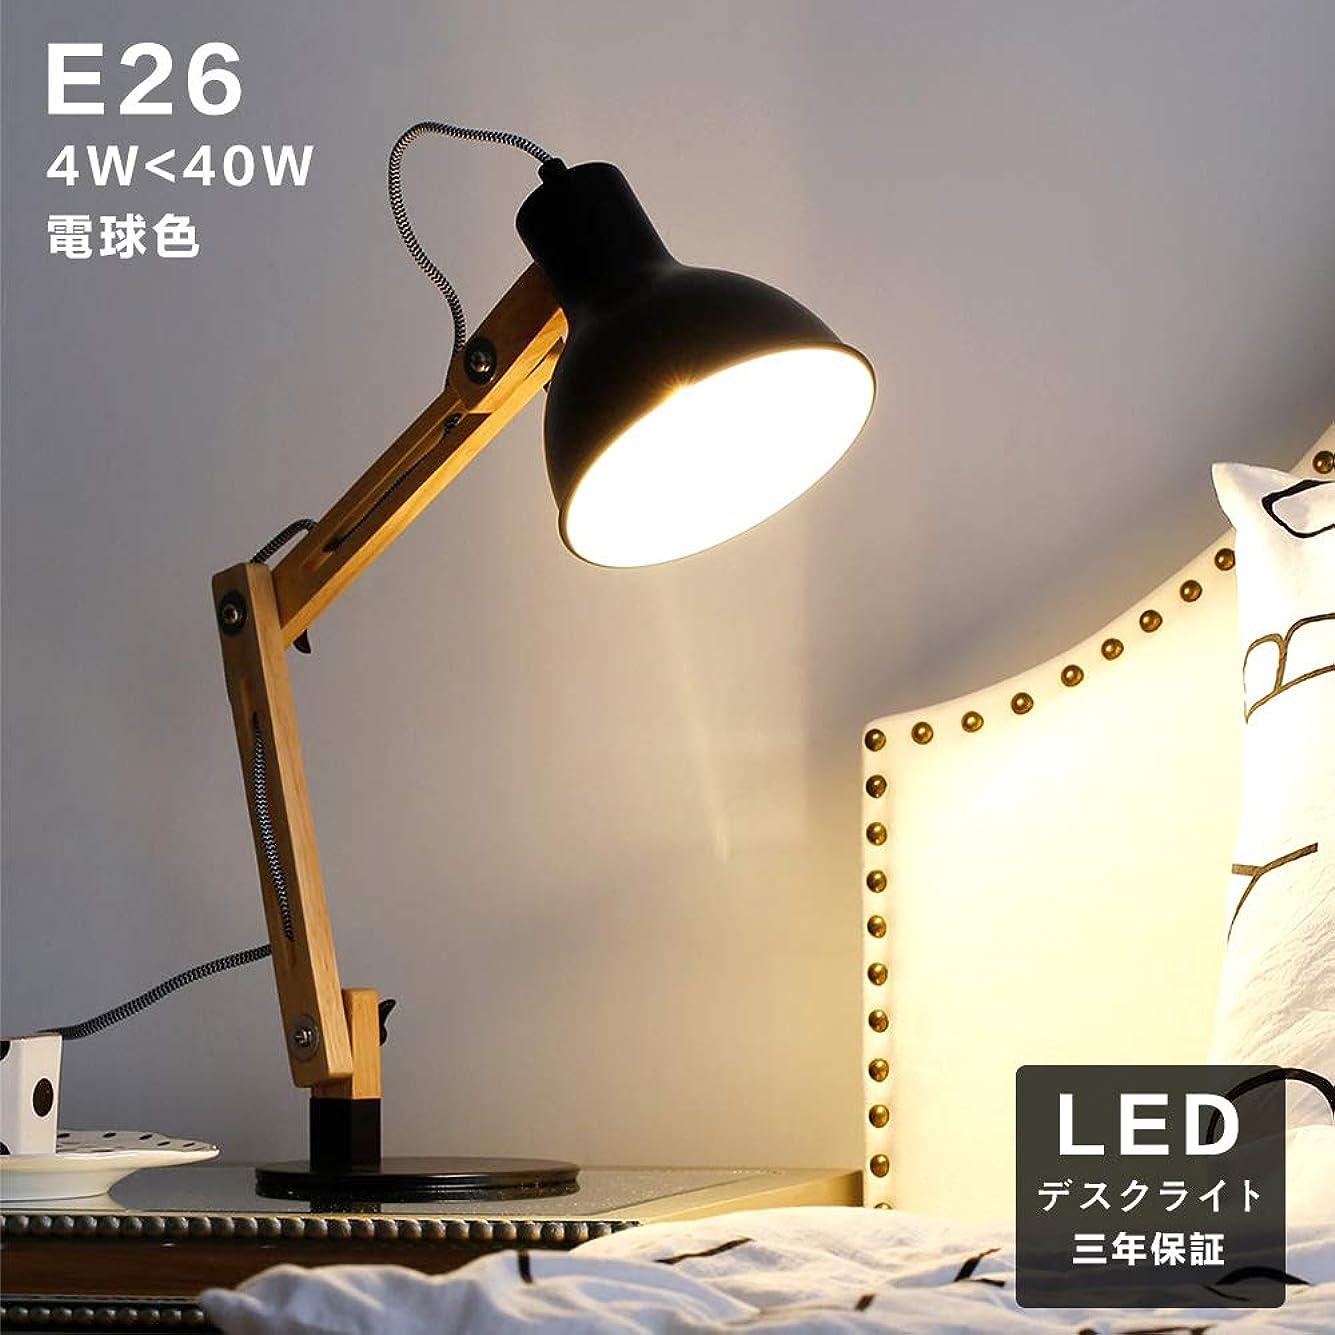 ポスト印象派スーツデモンストレーションDINGLILED デスクライト 電気スタンド LED 卓上ライト スタンドライト テーブルスタンド E26 間接照明 電球付き 角度調整 省エネルギー 天然木材質 読書 勉強 仕事 おしゃれ ブラック